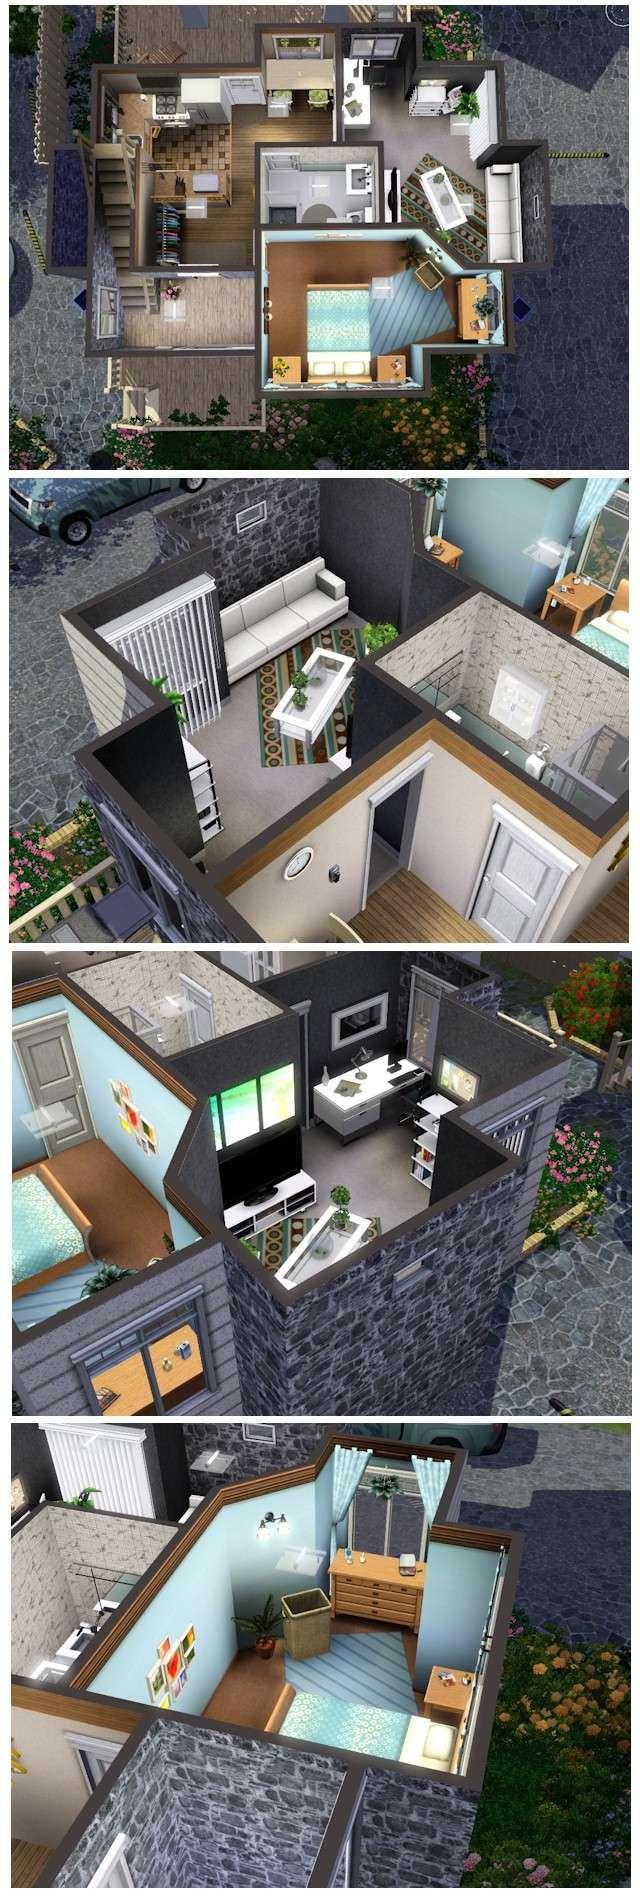 Galerie de Maxime (Sims Outaouais) - Page 4 Image126